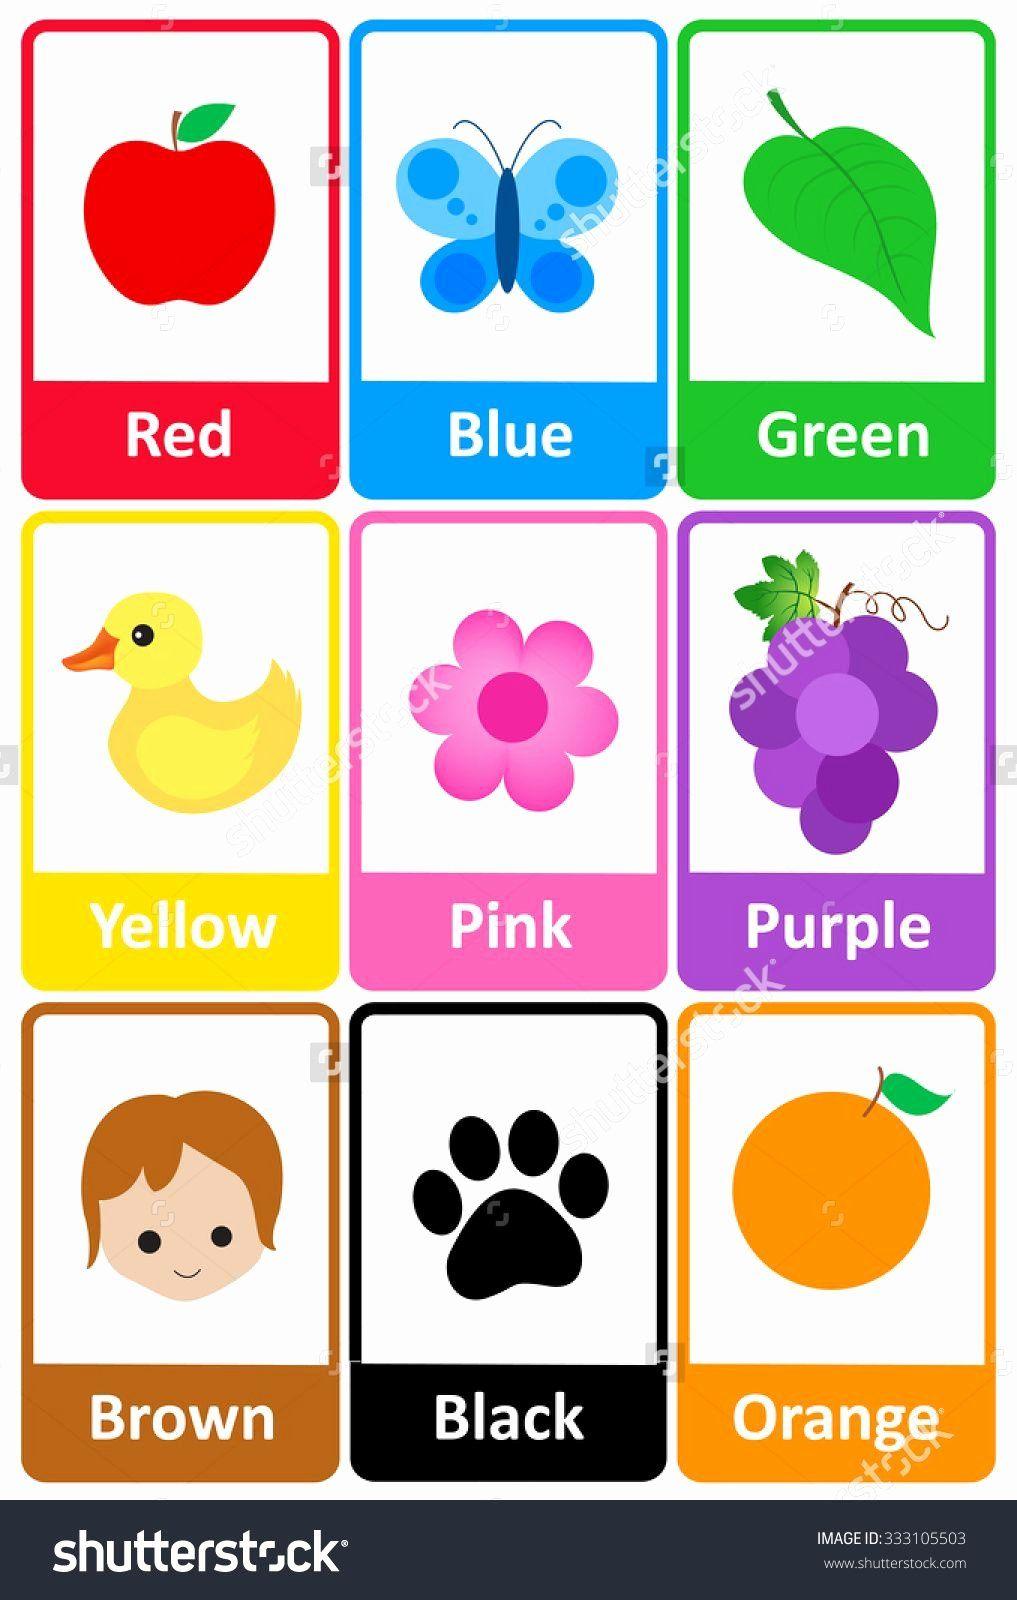 Vegetables Coloring Flashcards Fresh Imagen Relacionada Printable Flash Cards Preschool Colors Printable Flash Cards Color Flashcards